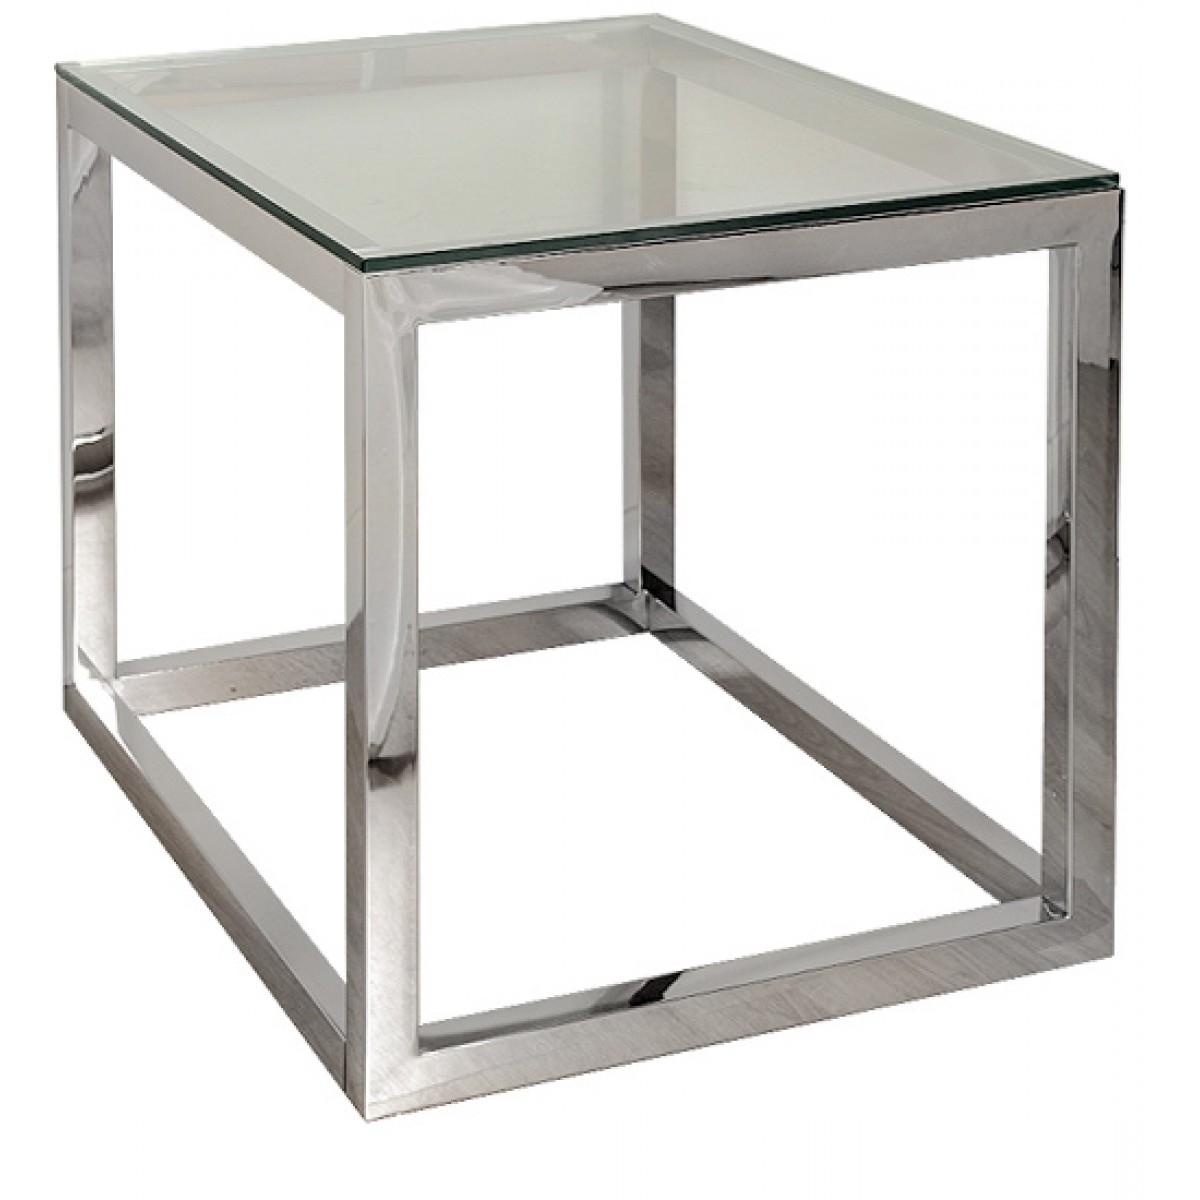 Mesa Rincon Xtd6 Mesa Rincon Dover Cristal A B Furniture Interior Decorator